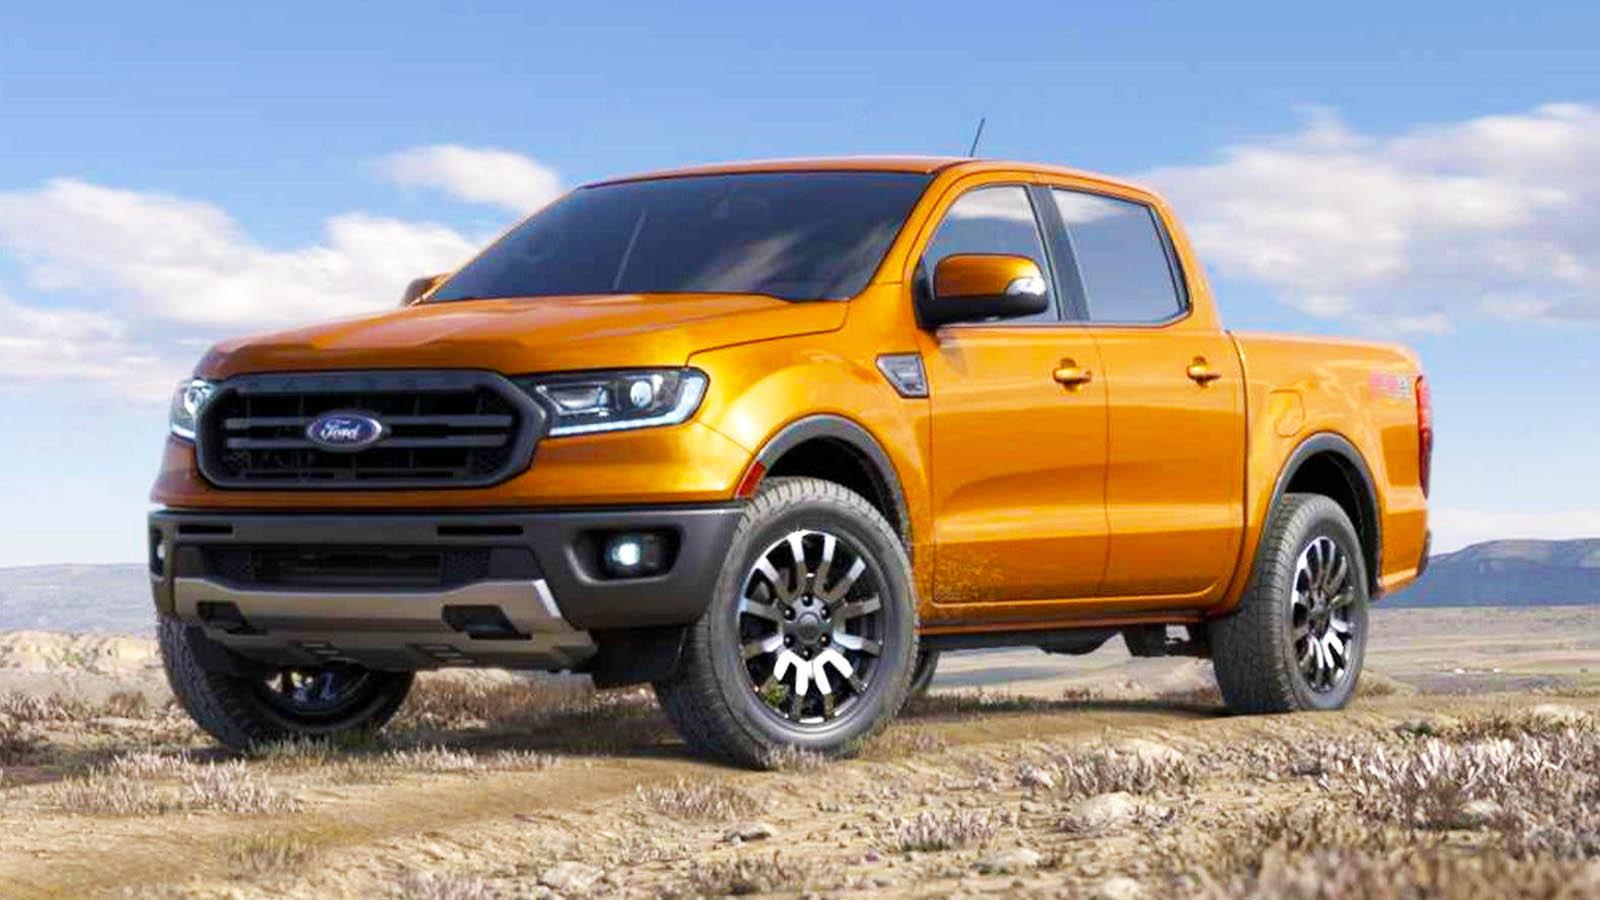 Ford Ranger Raptor Has Landed Stateside